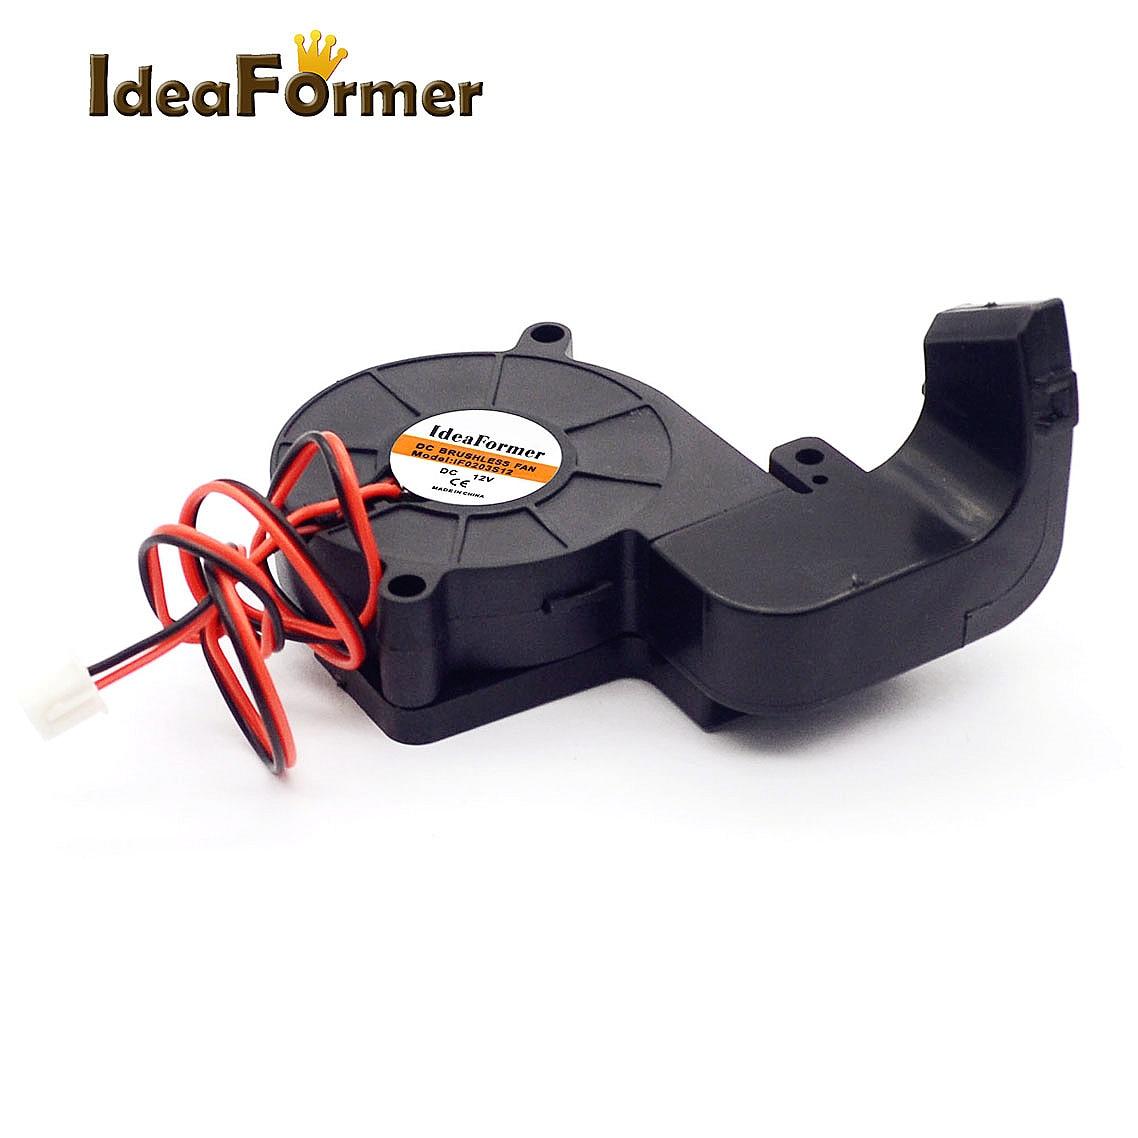 1 комплект MK10 5015 вентилятор с направляющей воздуховода Монтажный кронштейн DC 12V/24V с 2pin кабелем для деталей 3D принтера